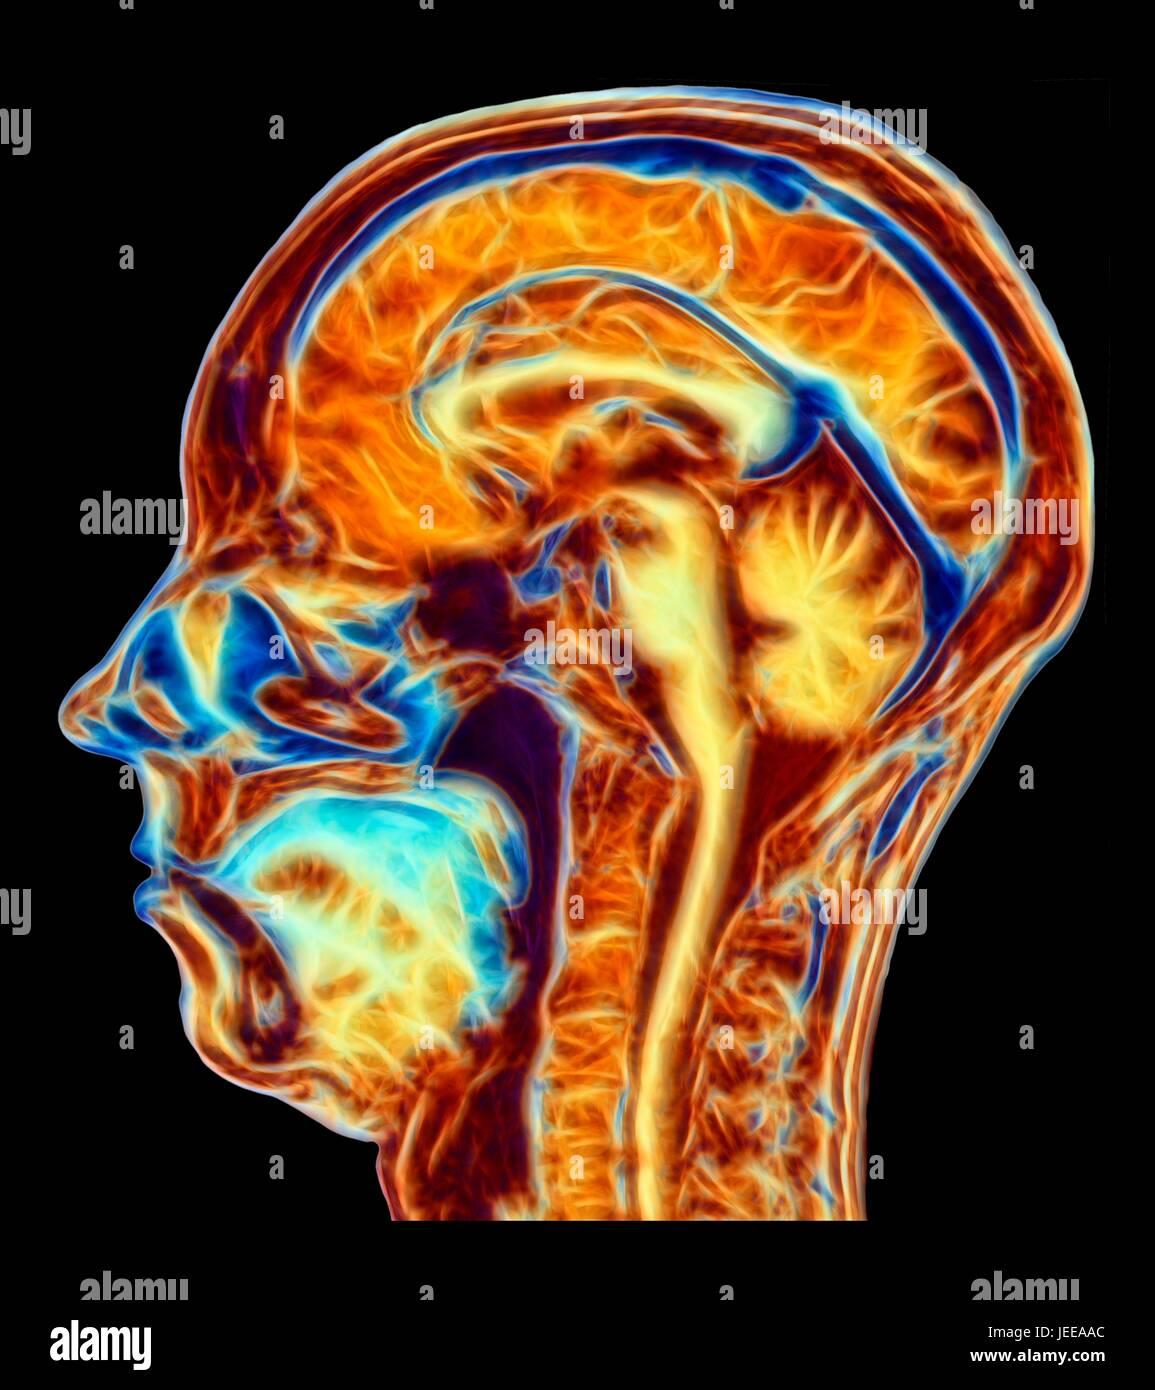 Brainstem Imágenes De Stock & Brainstem Fotos De Stock - Alamy